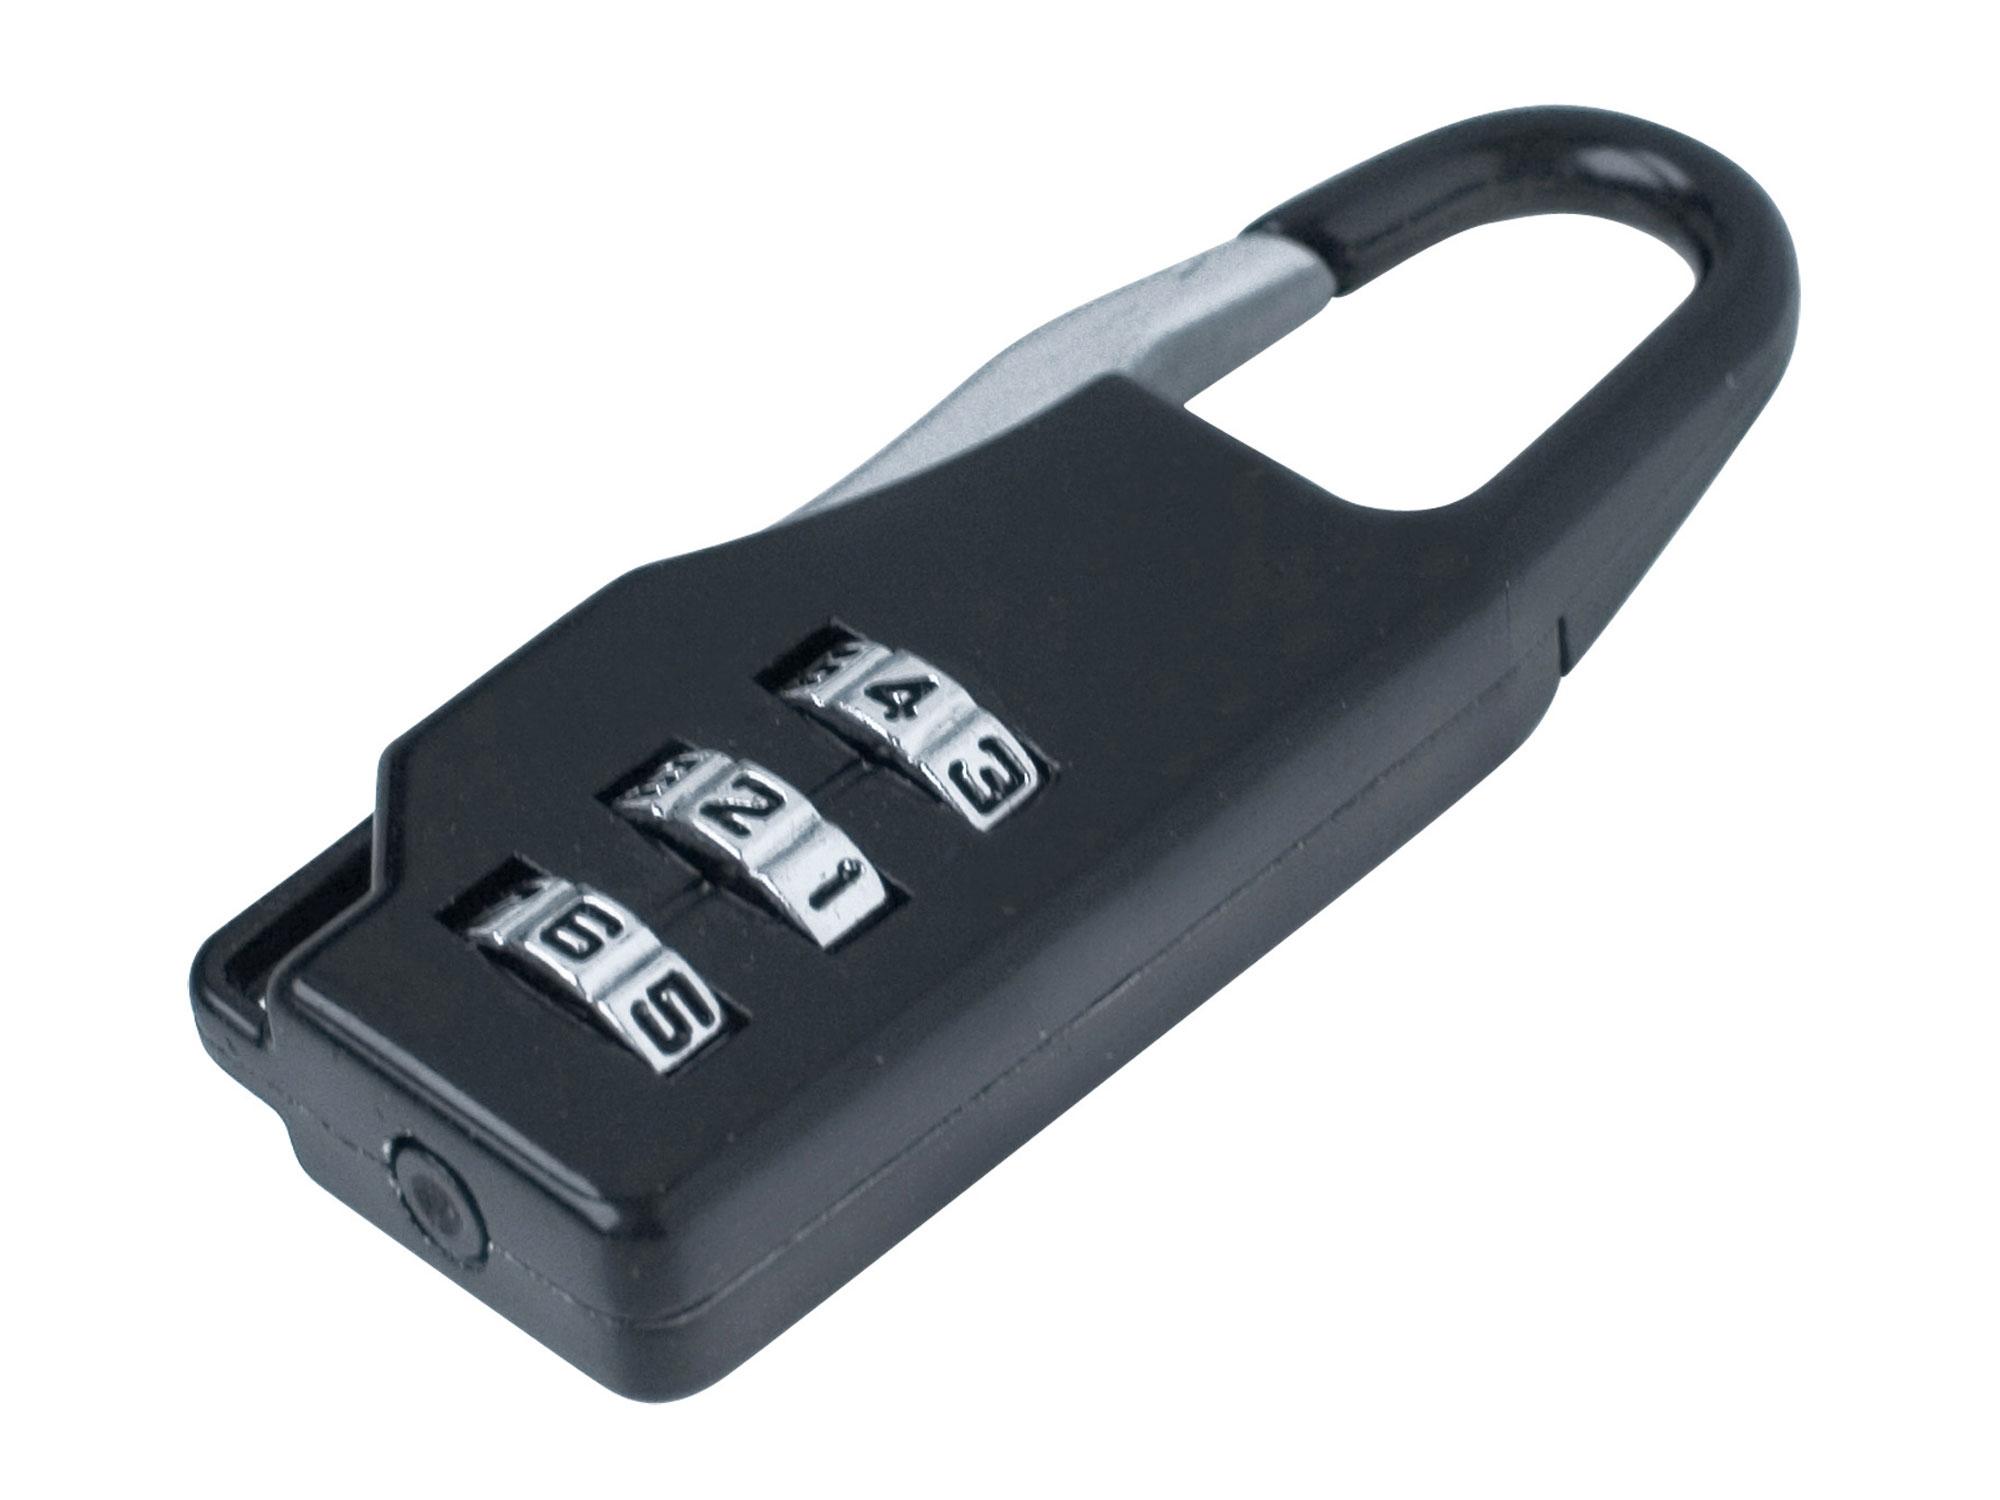 zámek kombinační s trojmíst. kódem, 21,5x60mm, EXTOL CRAFT 78110